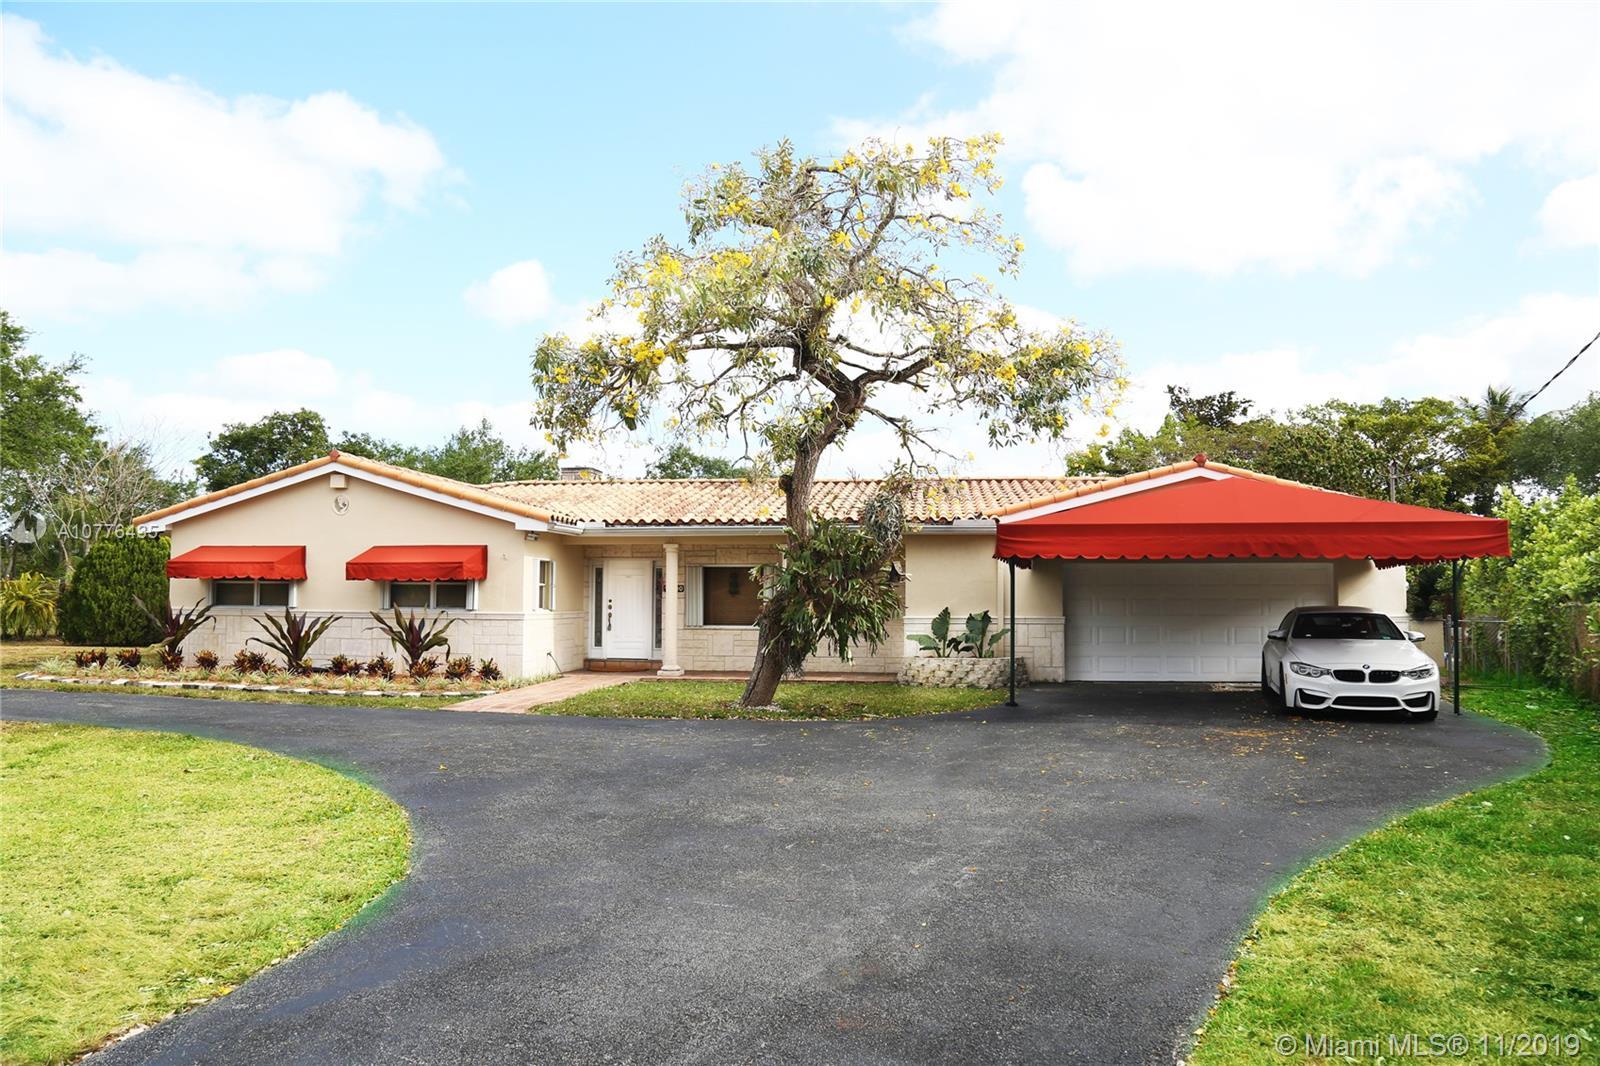 11500 SW 95th ST, Miami, FL 33176 - Miami, FL real estate listing